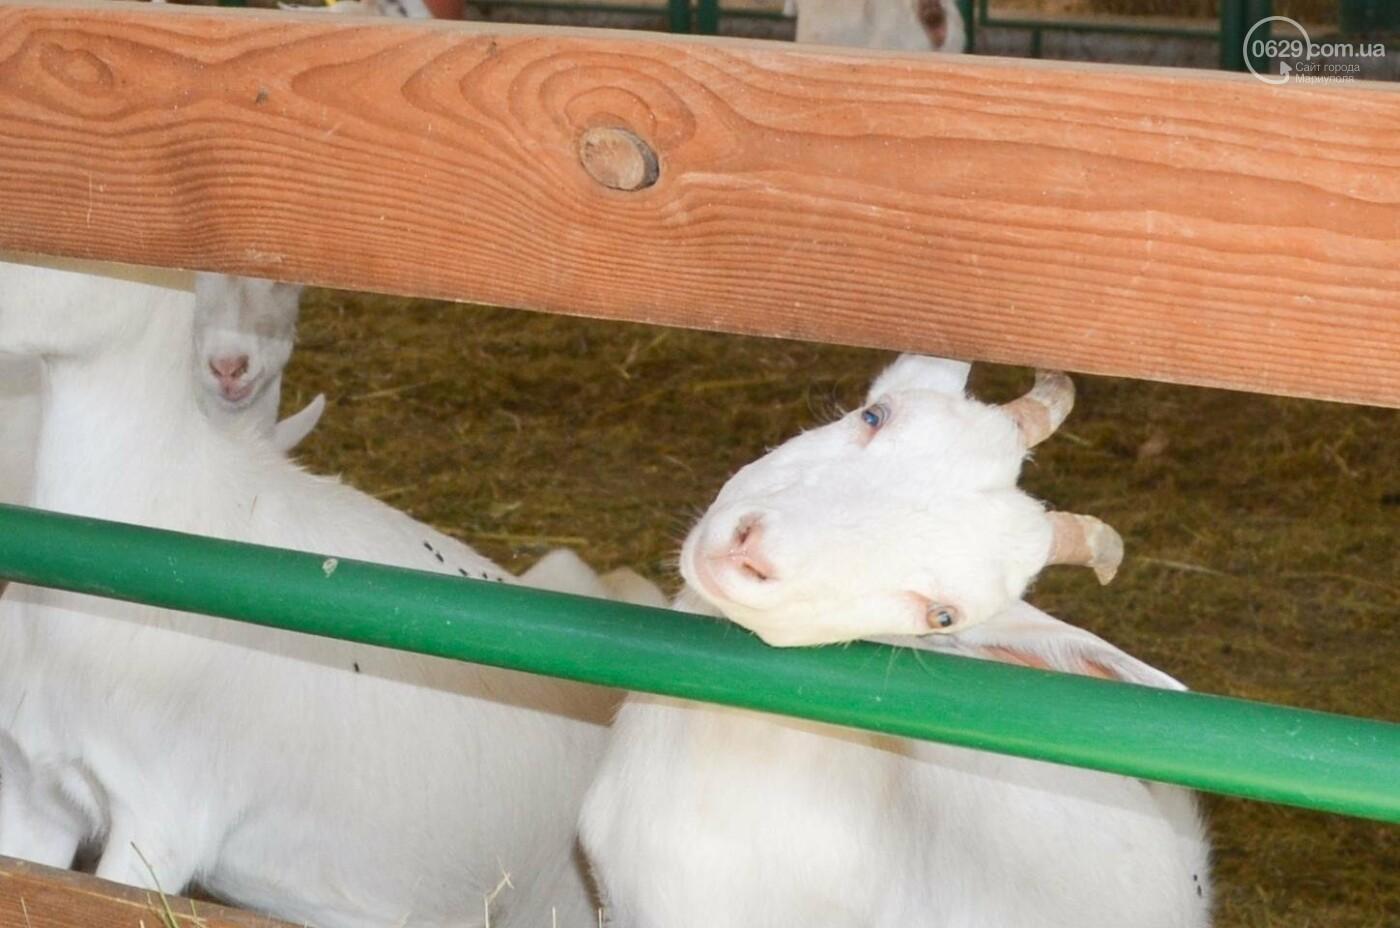 Юрий Тернавский: «Мариупольский молокозавод может напоить молоком каждого жителя Мариуполя и Приазовья», фото-41